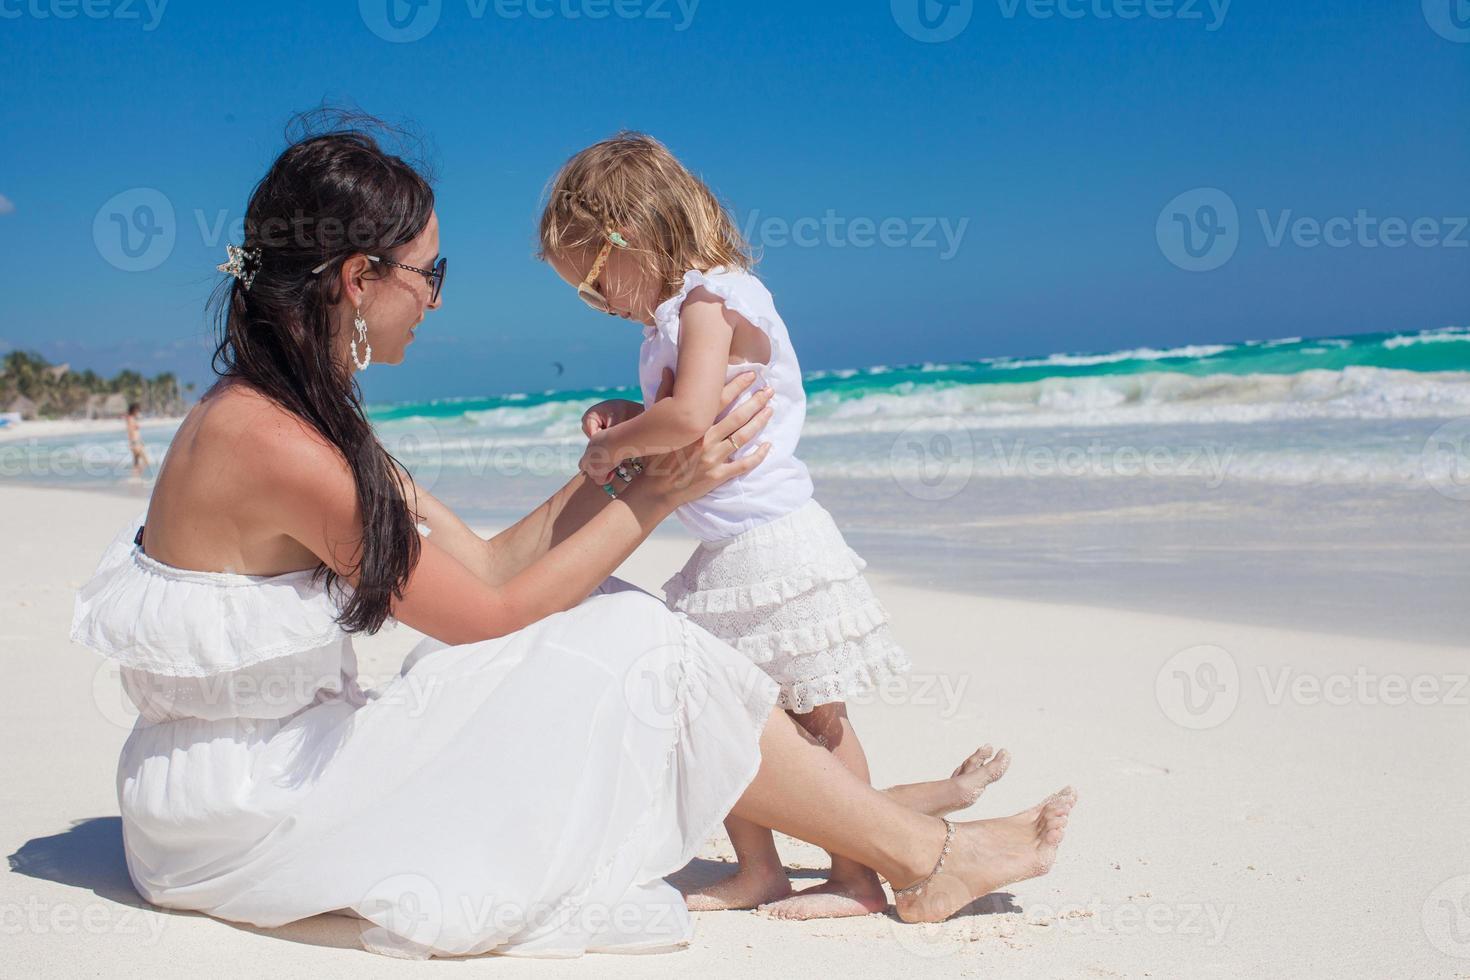 vista traseira da mãe e filha curtir férias foto